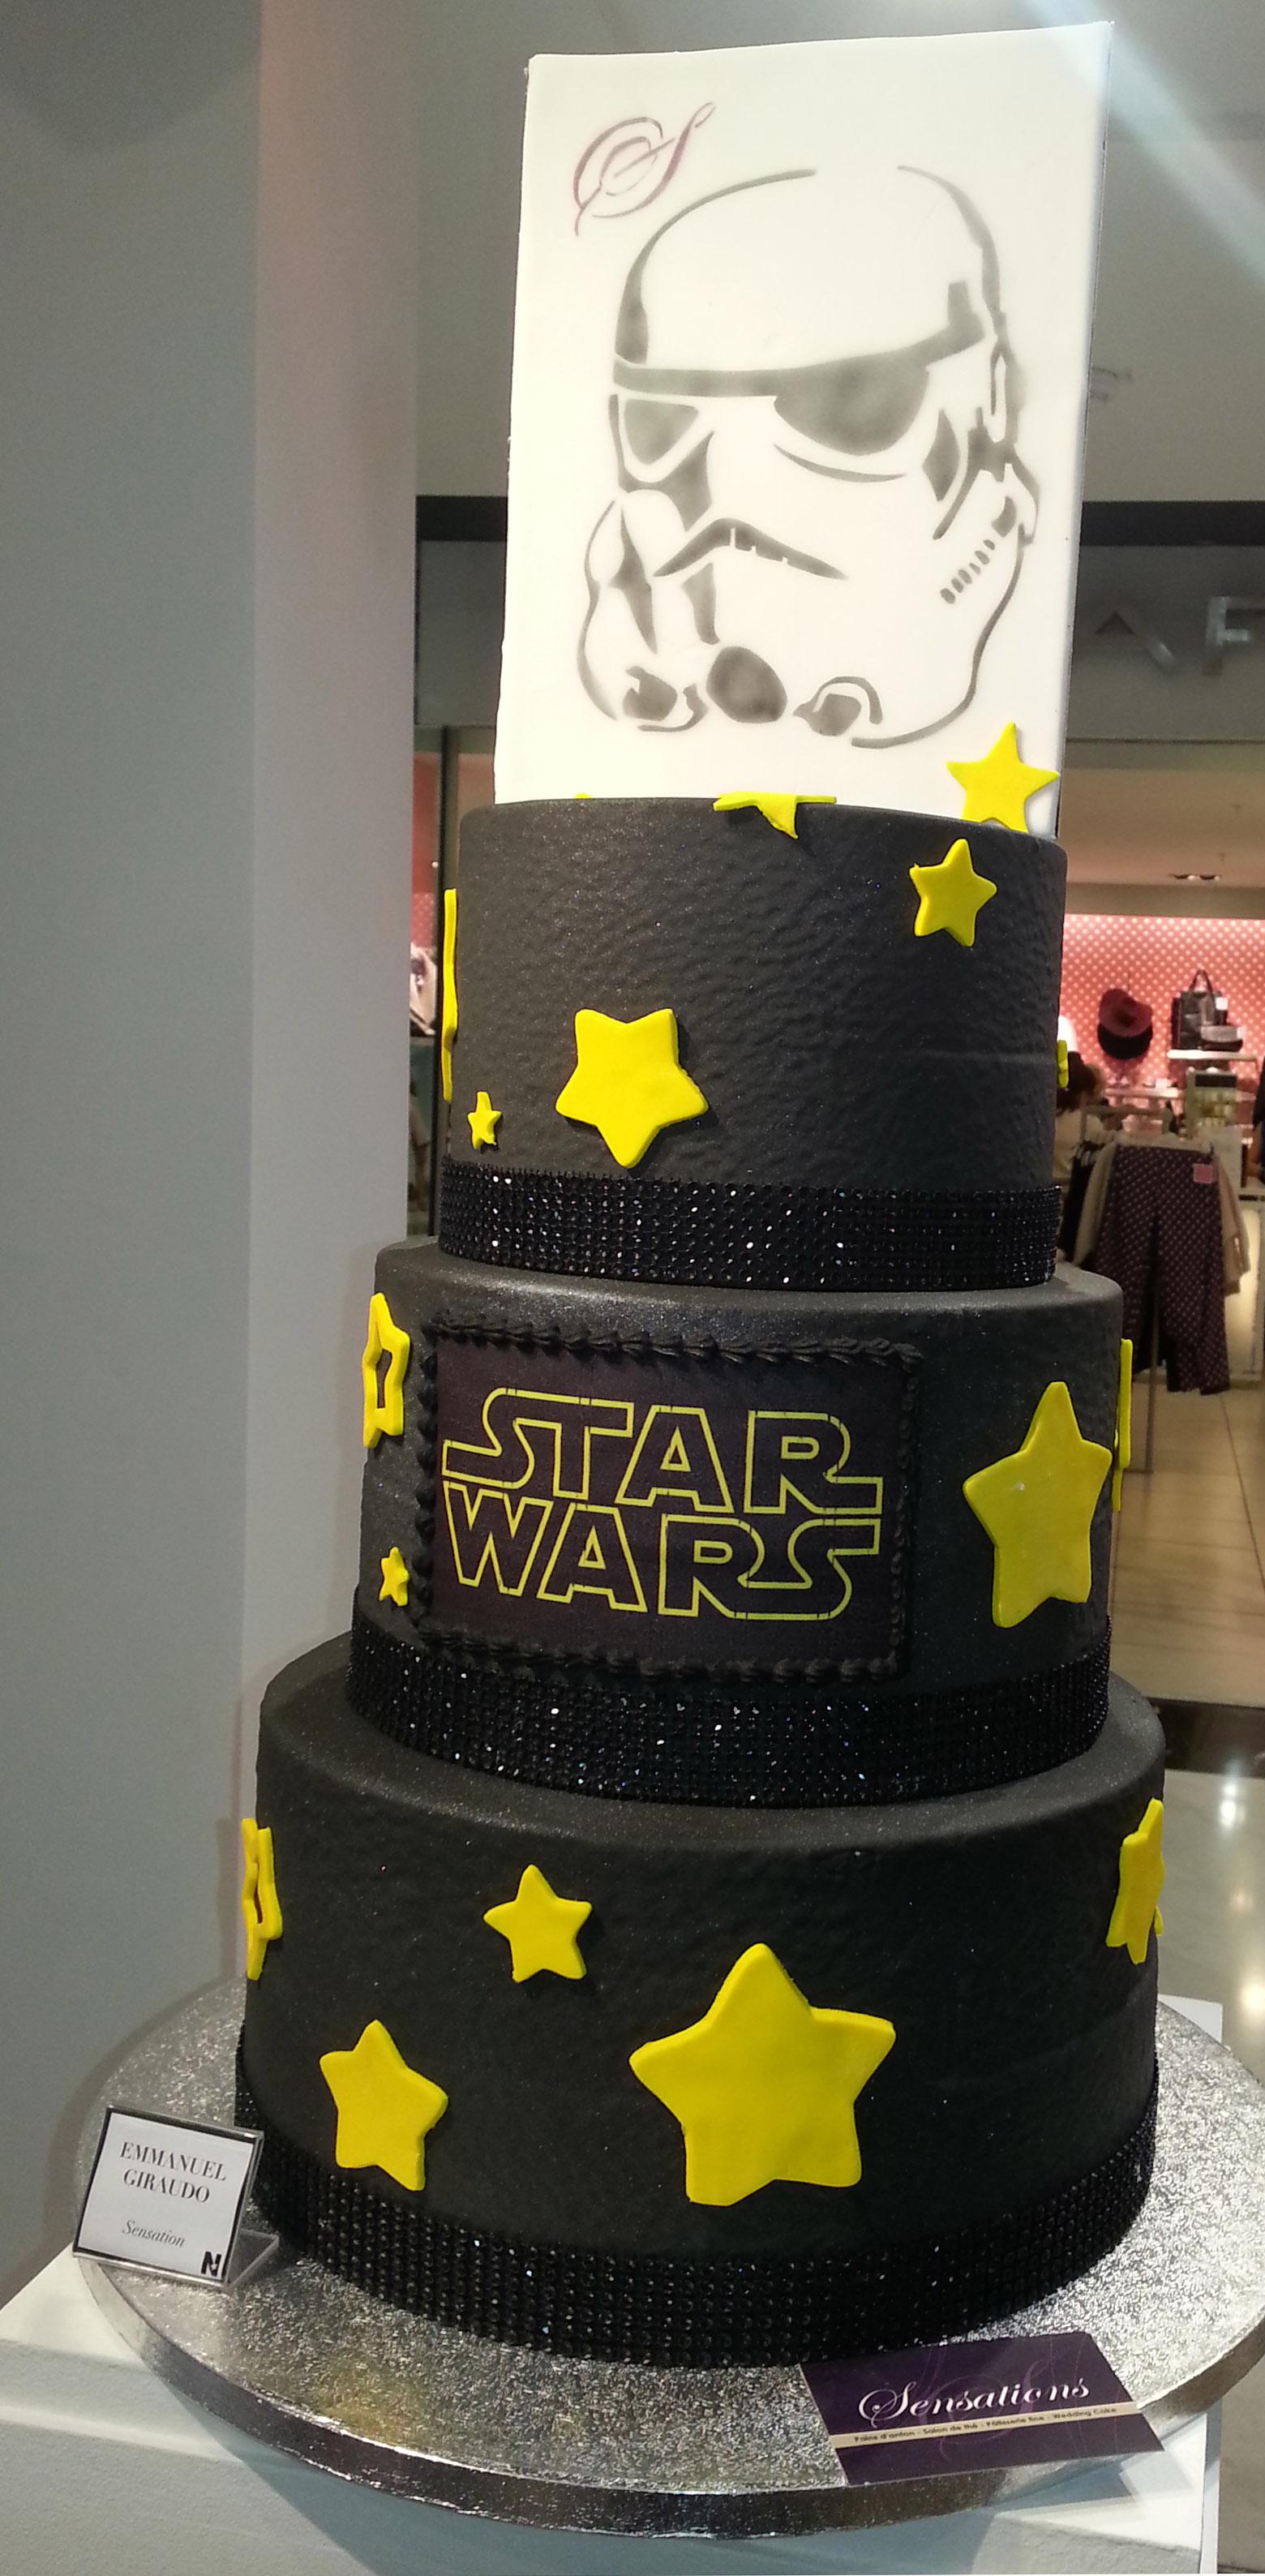 Tout fan de Star Wars serait le plus heureux devant ce gâteau d'anniversaire !